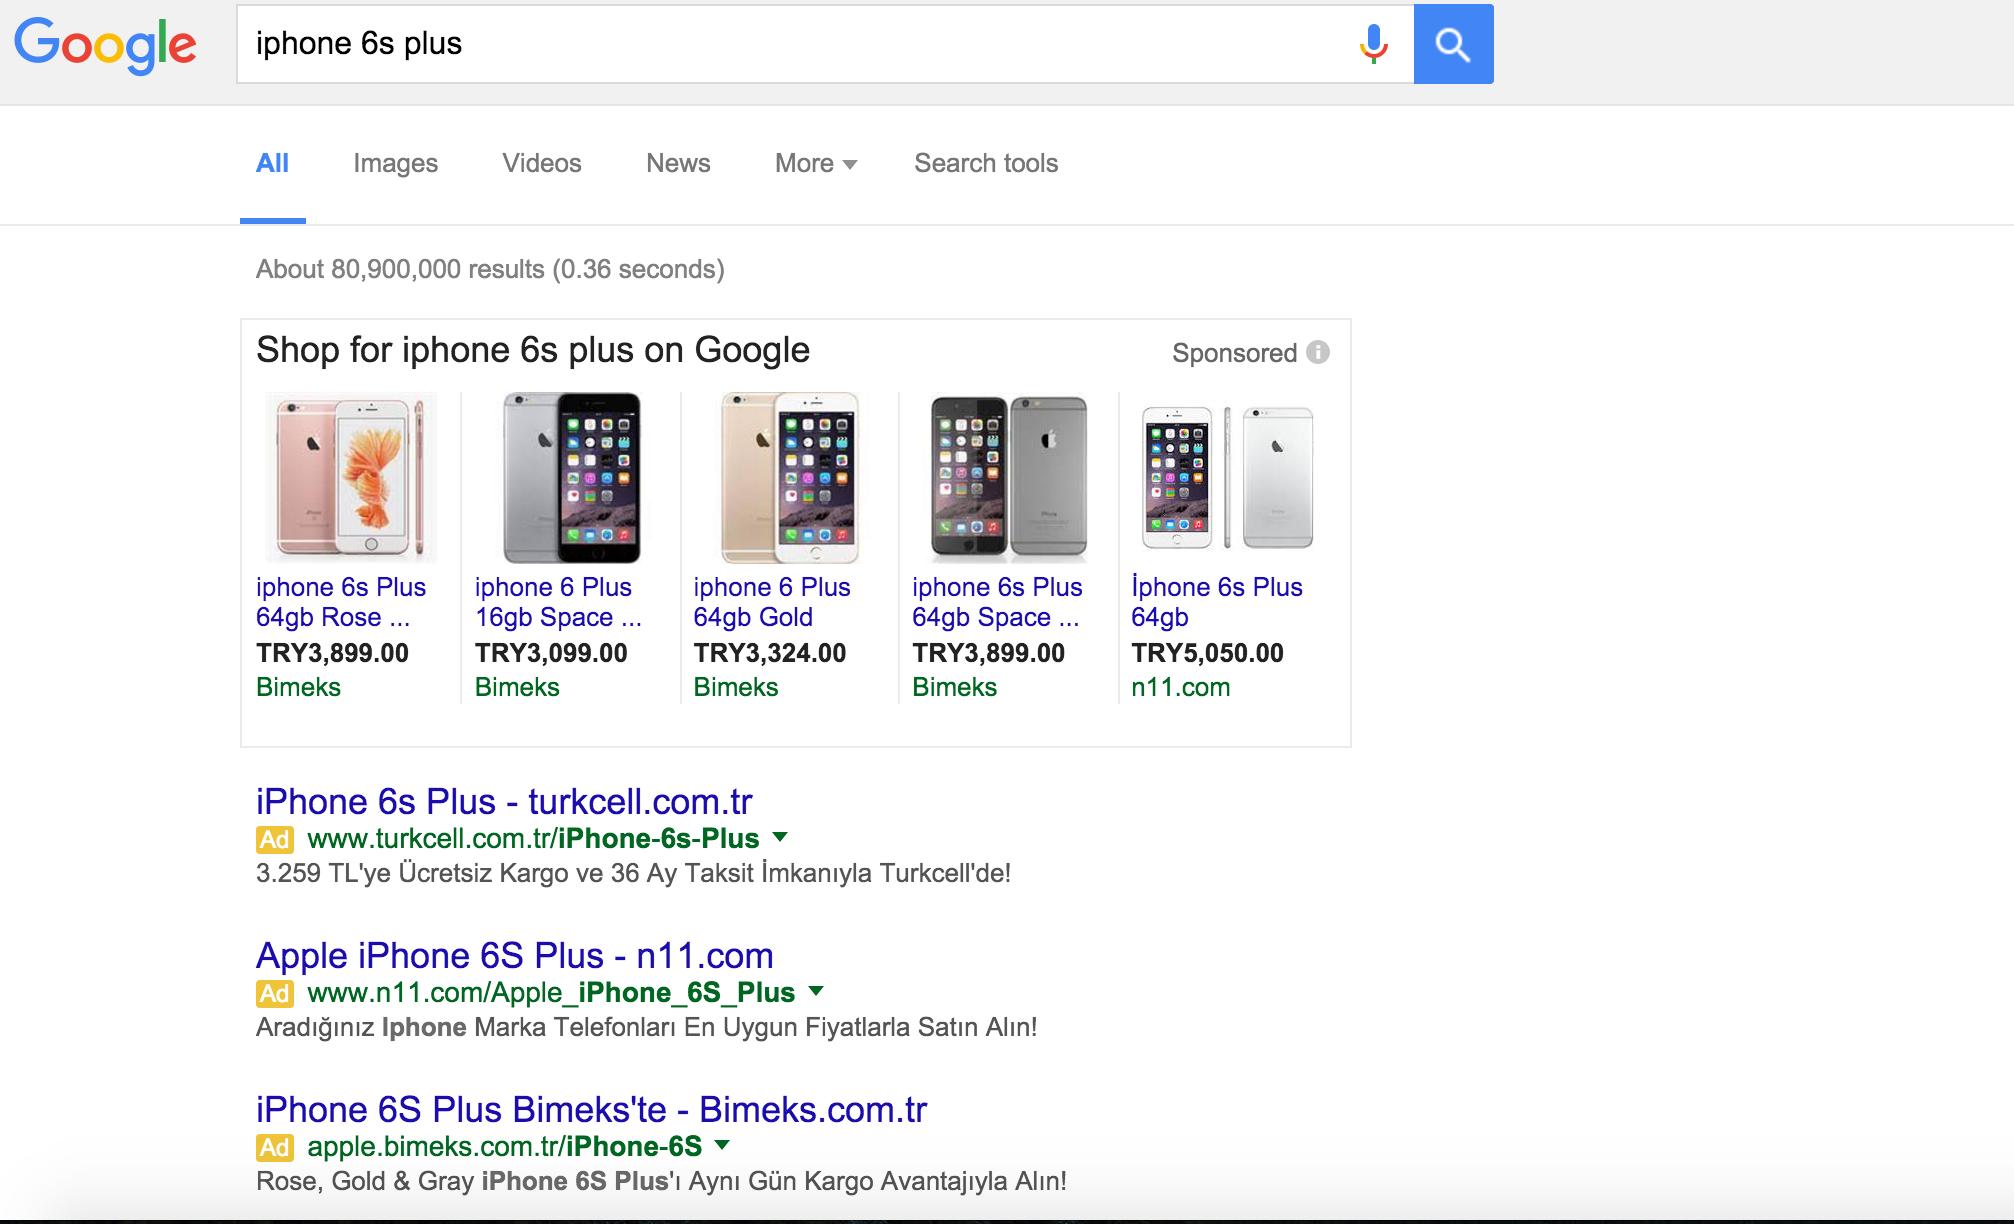 iphone 6s plus reklam